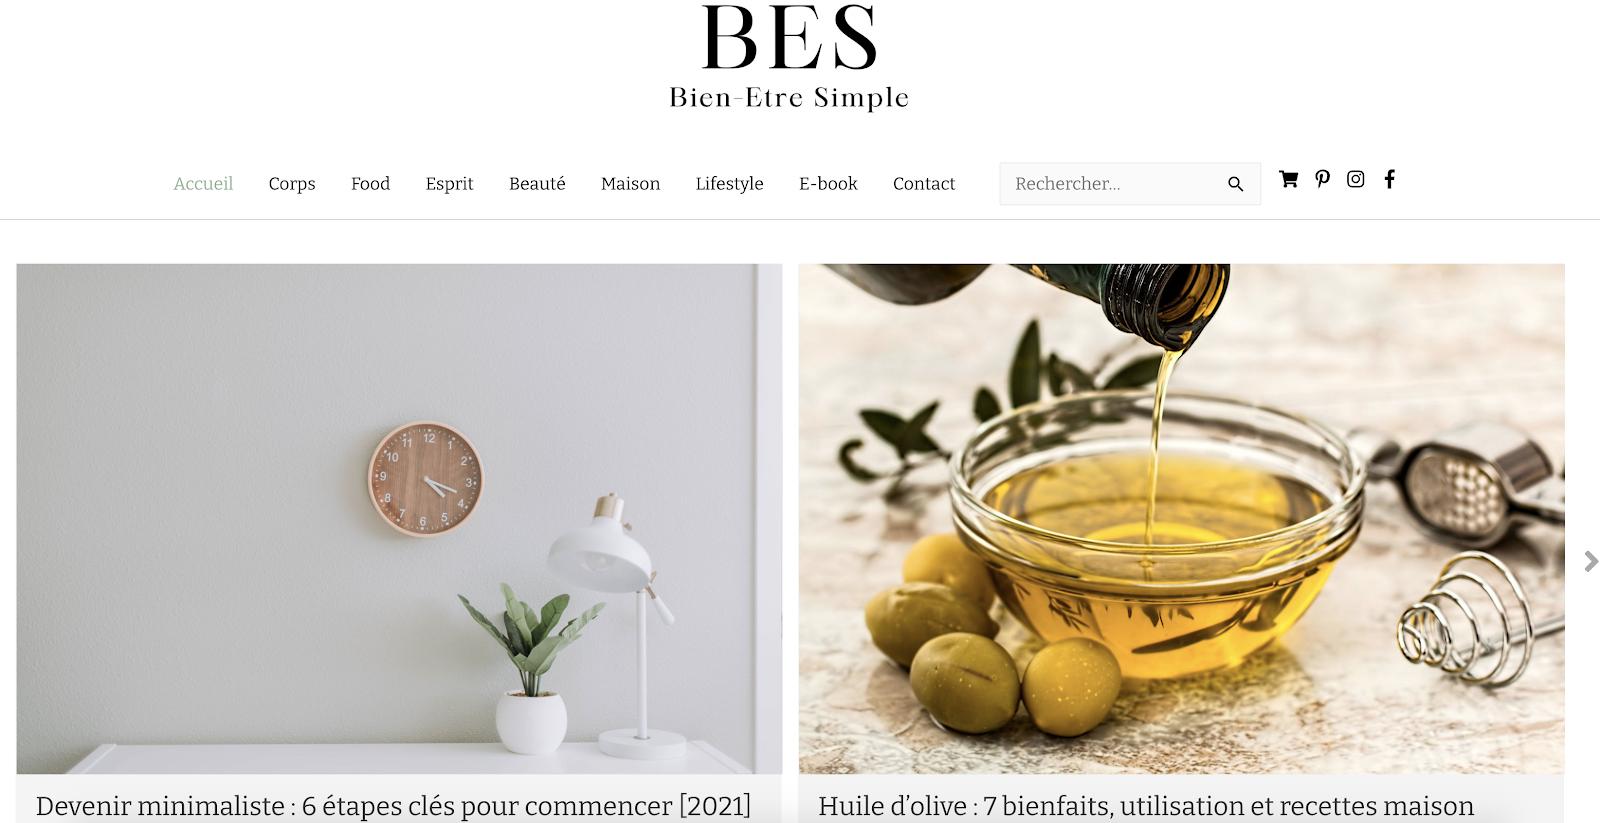 10 blogs bien-être, santé et bonheur: Ma sélection [2021] 1